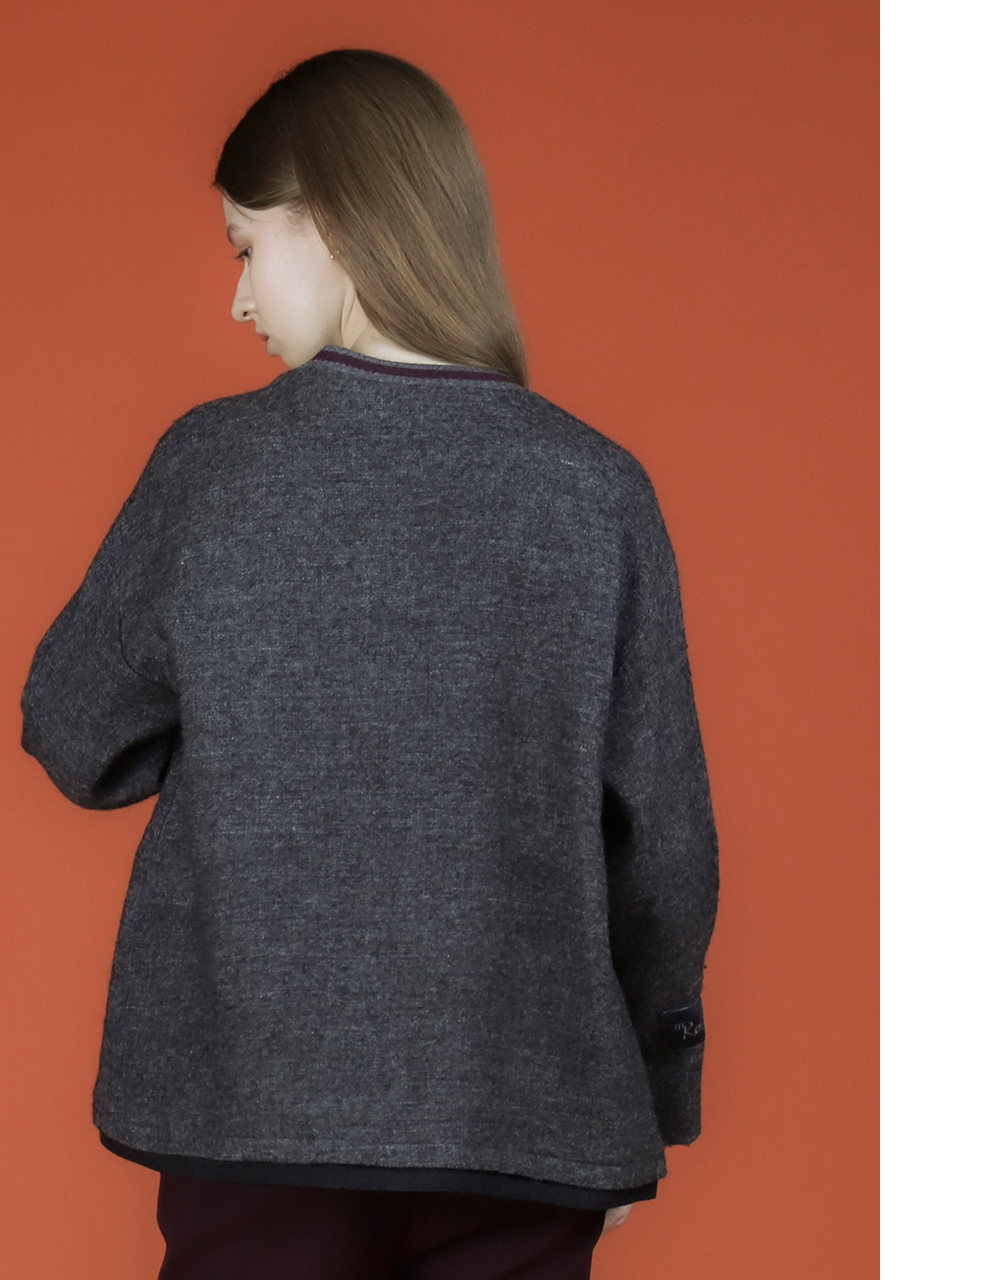 긴팔 티셔츠 모델 착용 이미지-S3L2